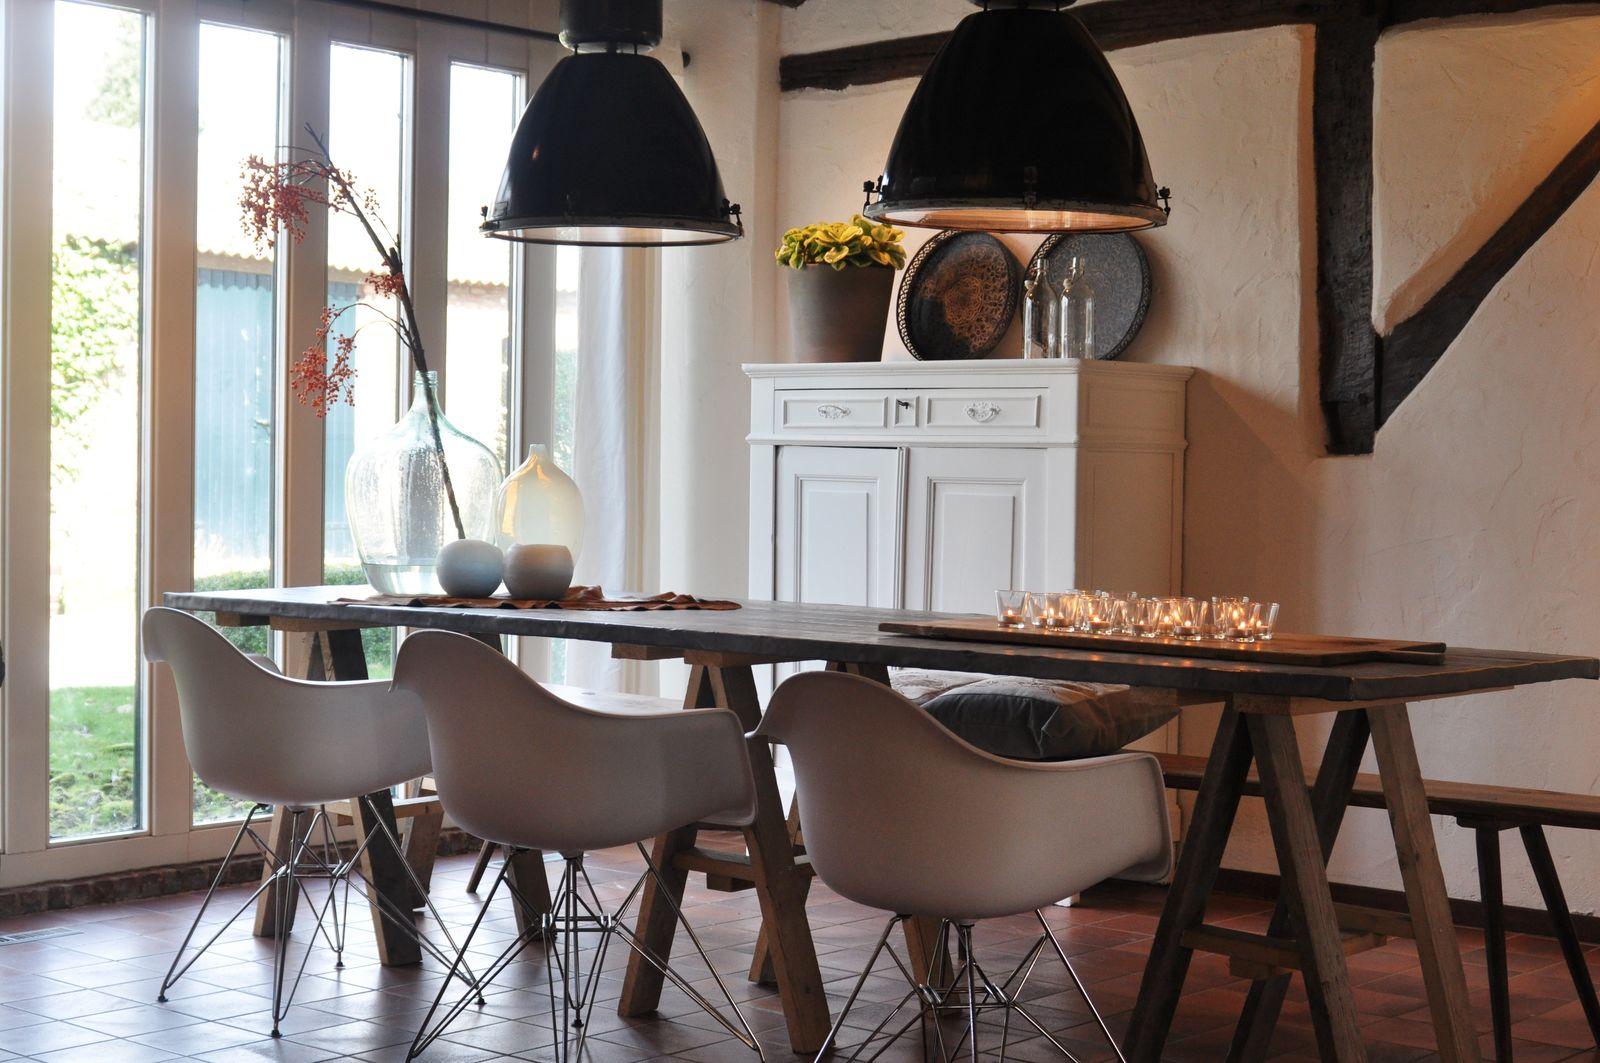 Afbeelding van Boerenhuis - luxe en groot vakantiehuis in Brabant